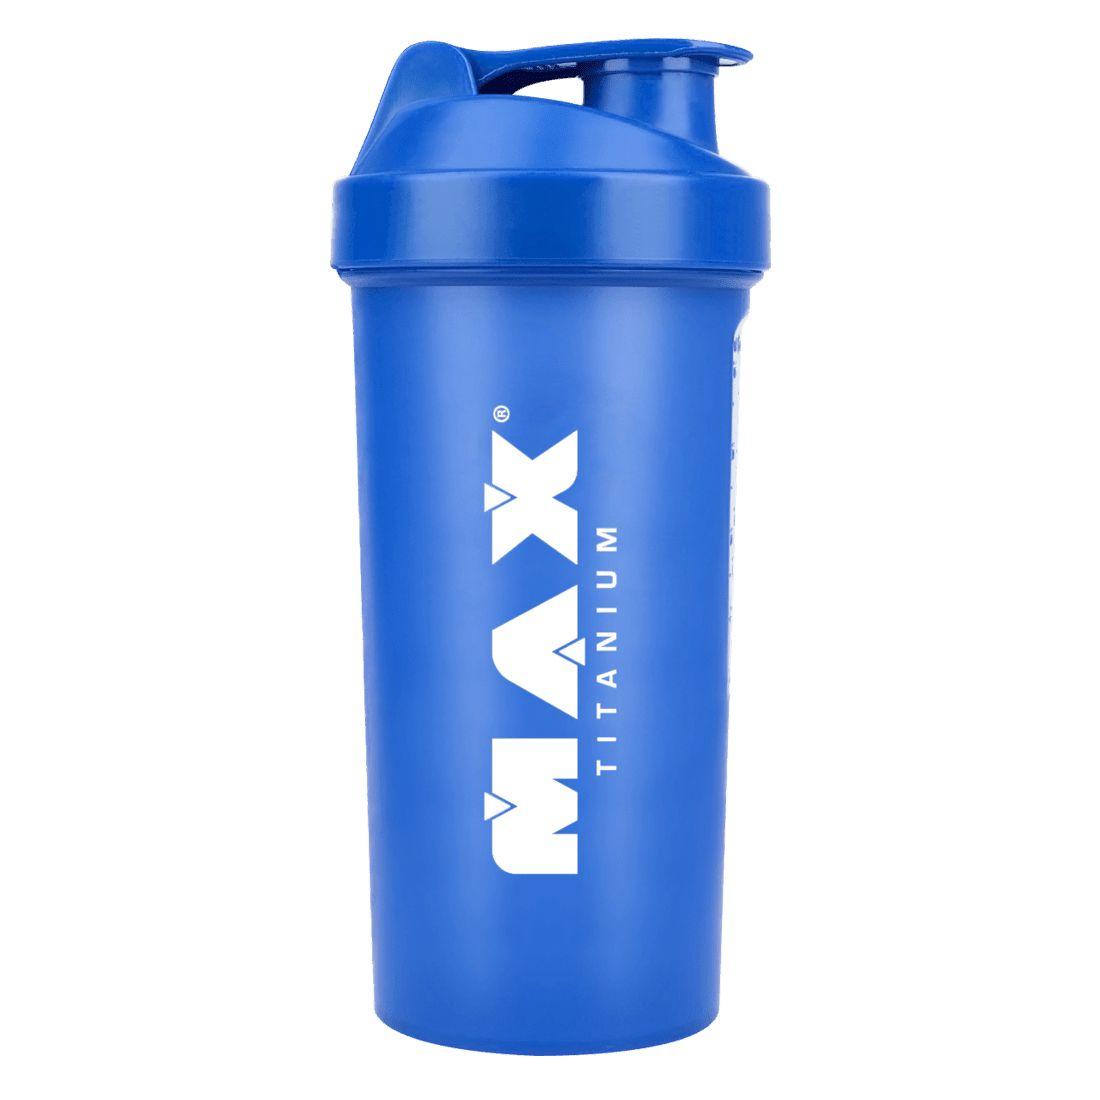 COQUETELEIRA AZUL - 600ml - MAX TITANIUM na Nutri Fast Shop 93e9acf30a2f8